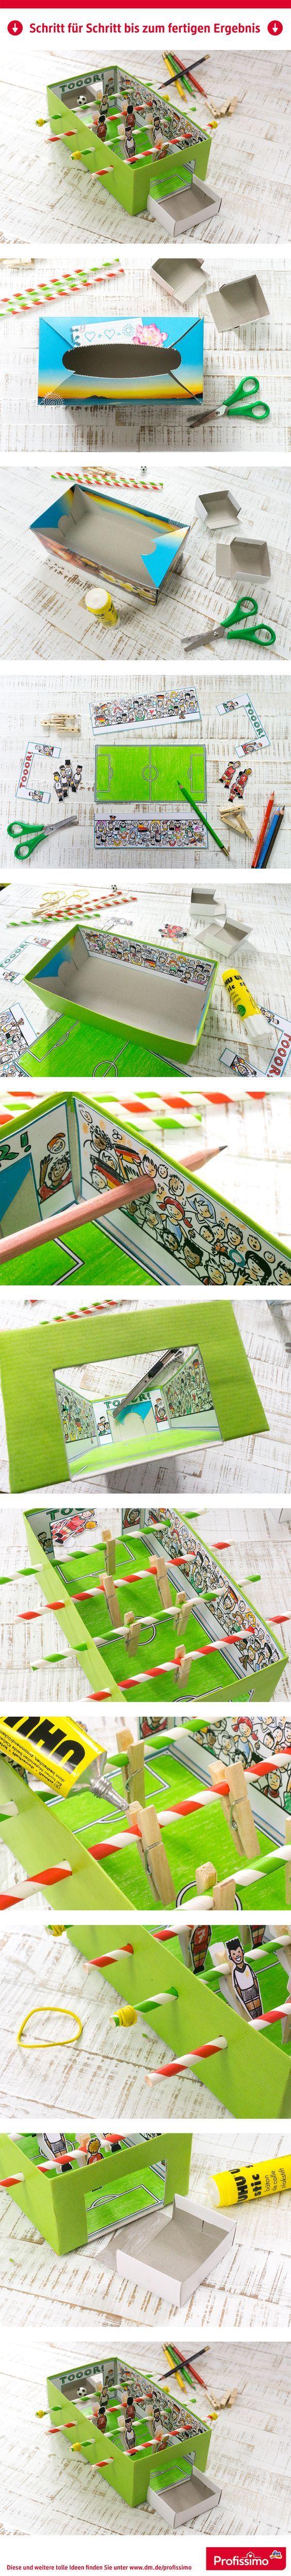 Mini-Tischkicker // Kaum zu glauben, eine Taschentücher-Box lässt sich in ein ganzes Fußballstadion verwandeln! Mit Hilfe von Trinkhalmen und Wäscheklammern wird der Miniatur-Tischkicker einsatzbereit. Viel Spaß beim Miniatur-Kickern! // // Eine Schritt-f